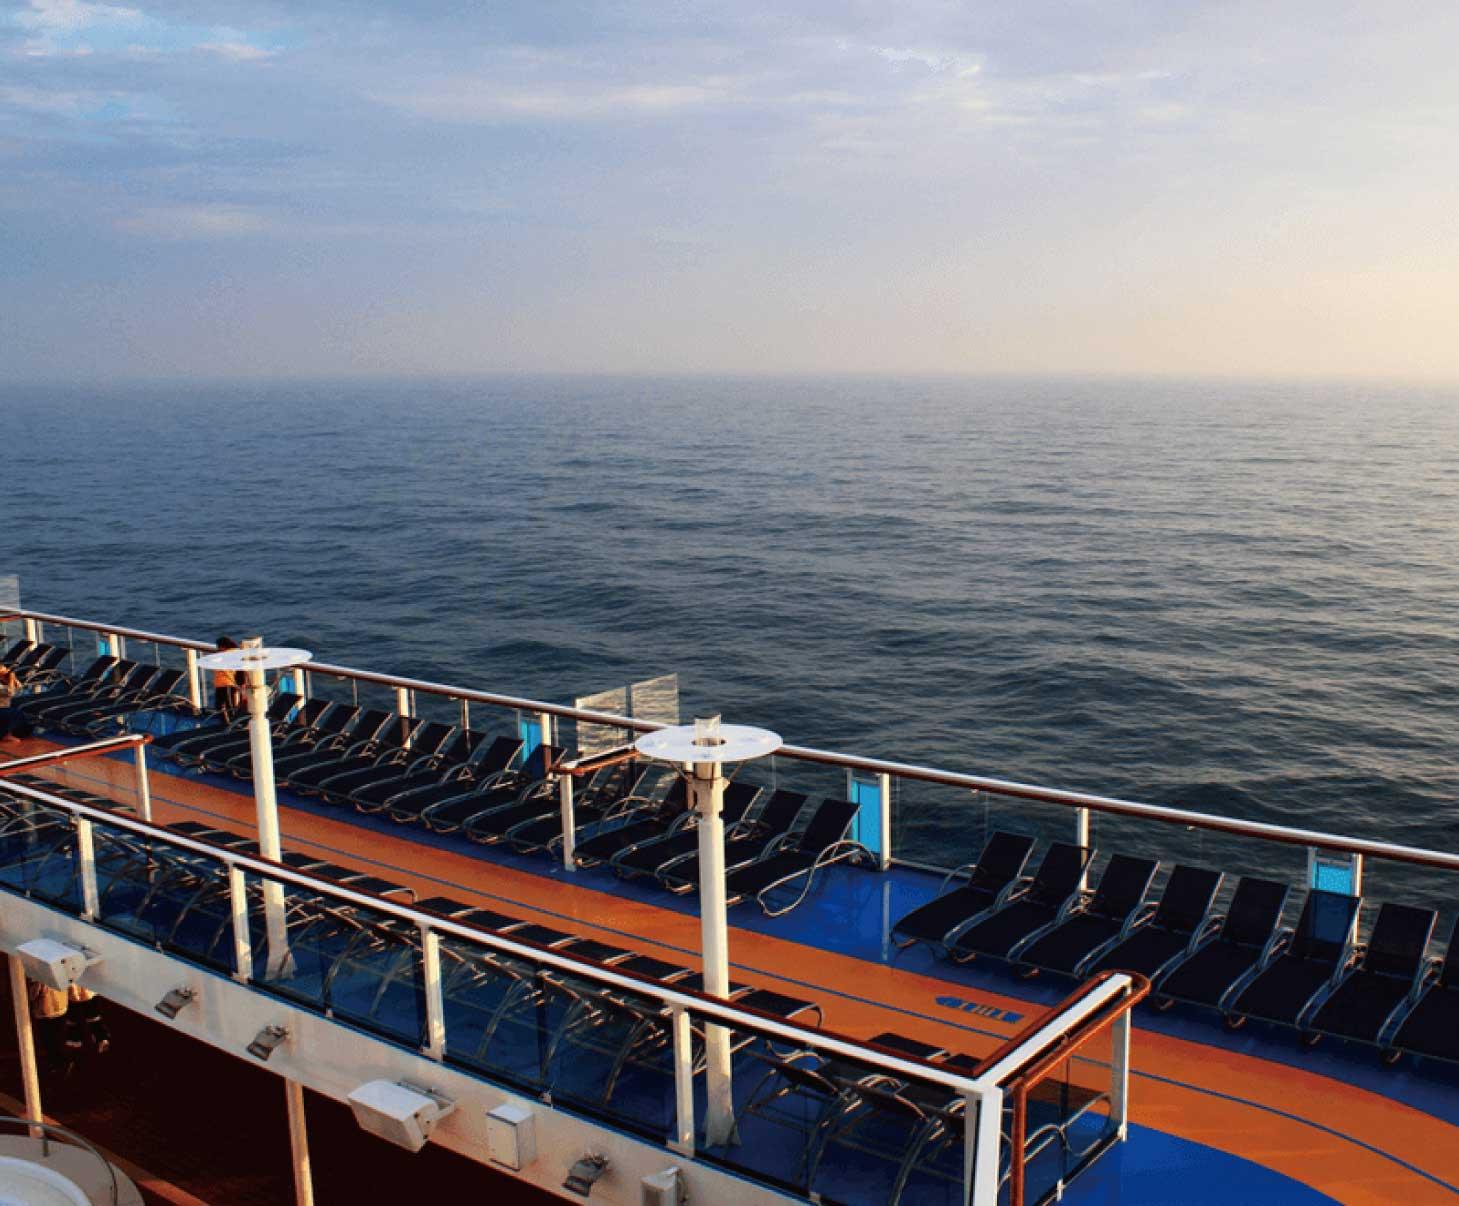 乘坐游轮去看海